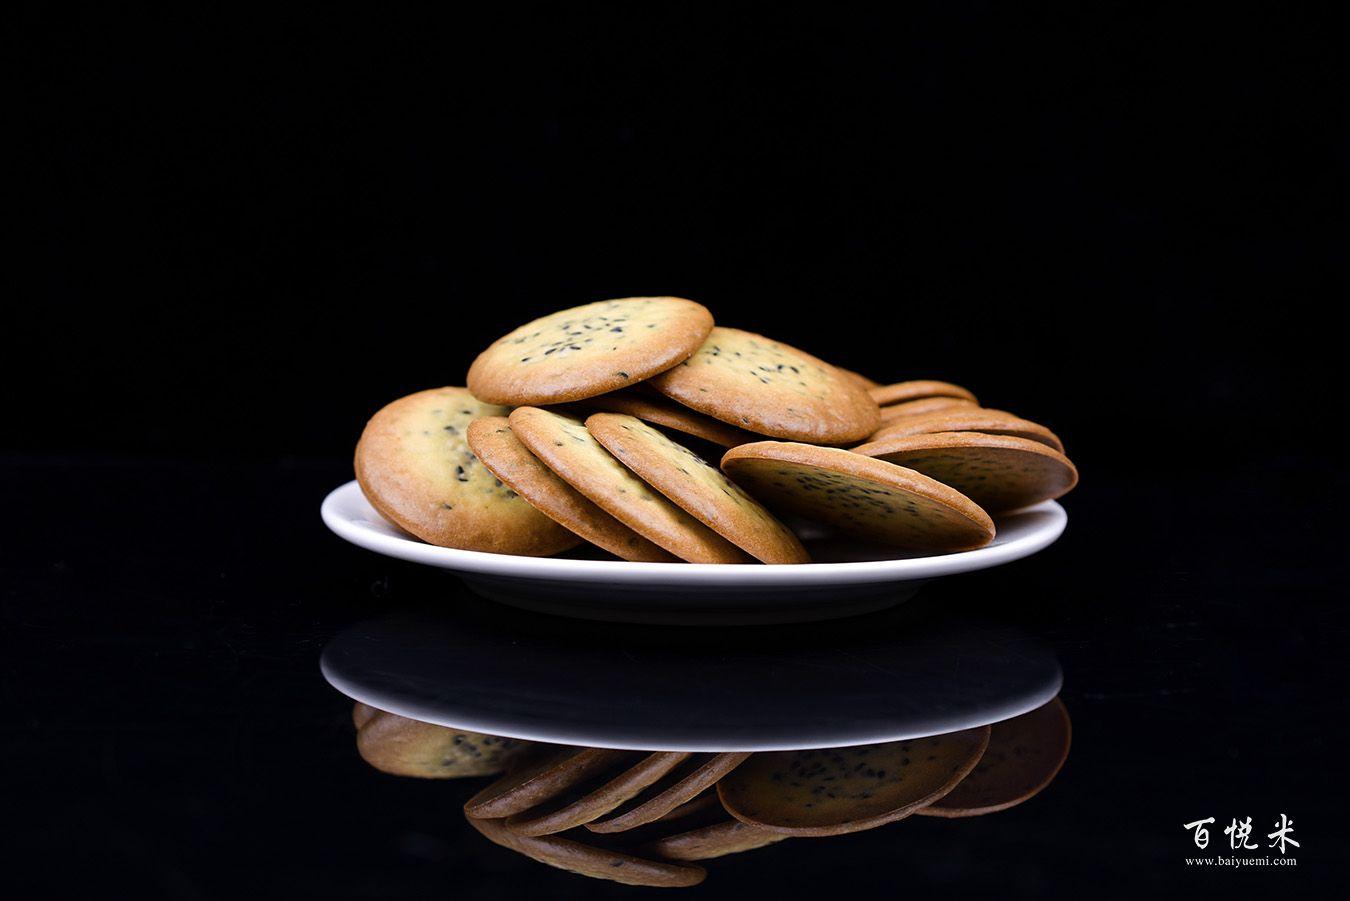 黑芝麻鸡蛋瓦片饼干高清图片大全【蛋糕图片】